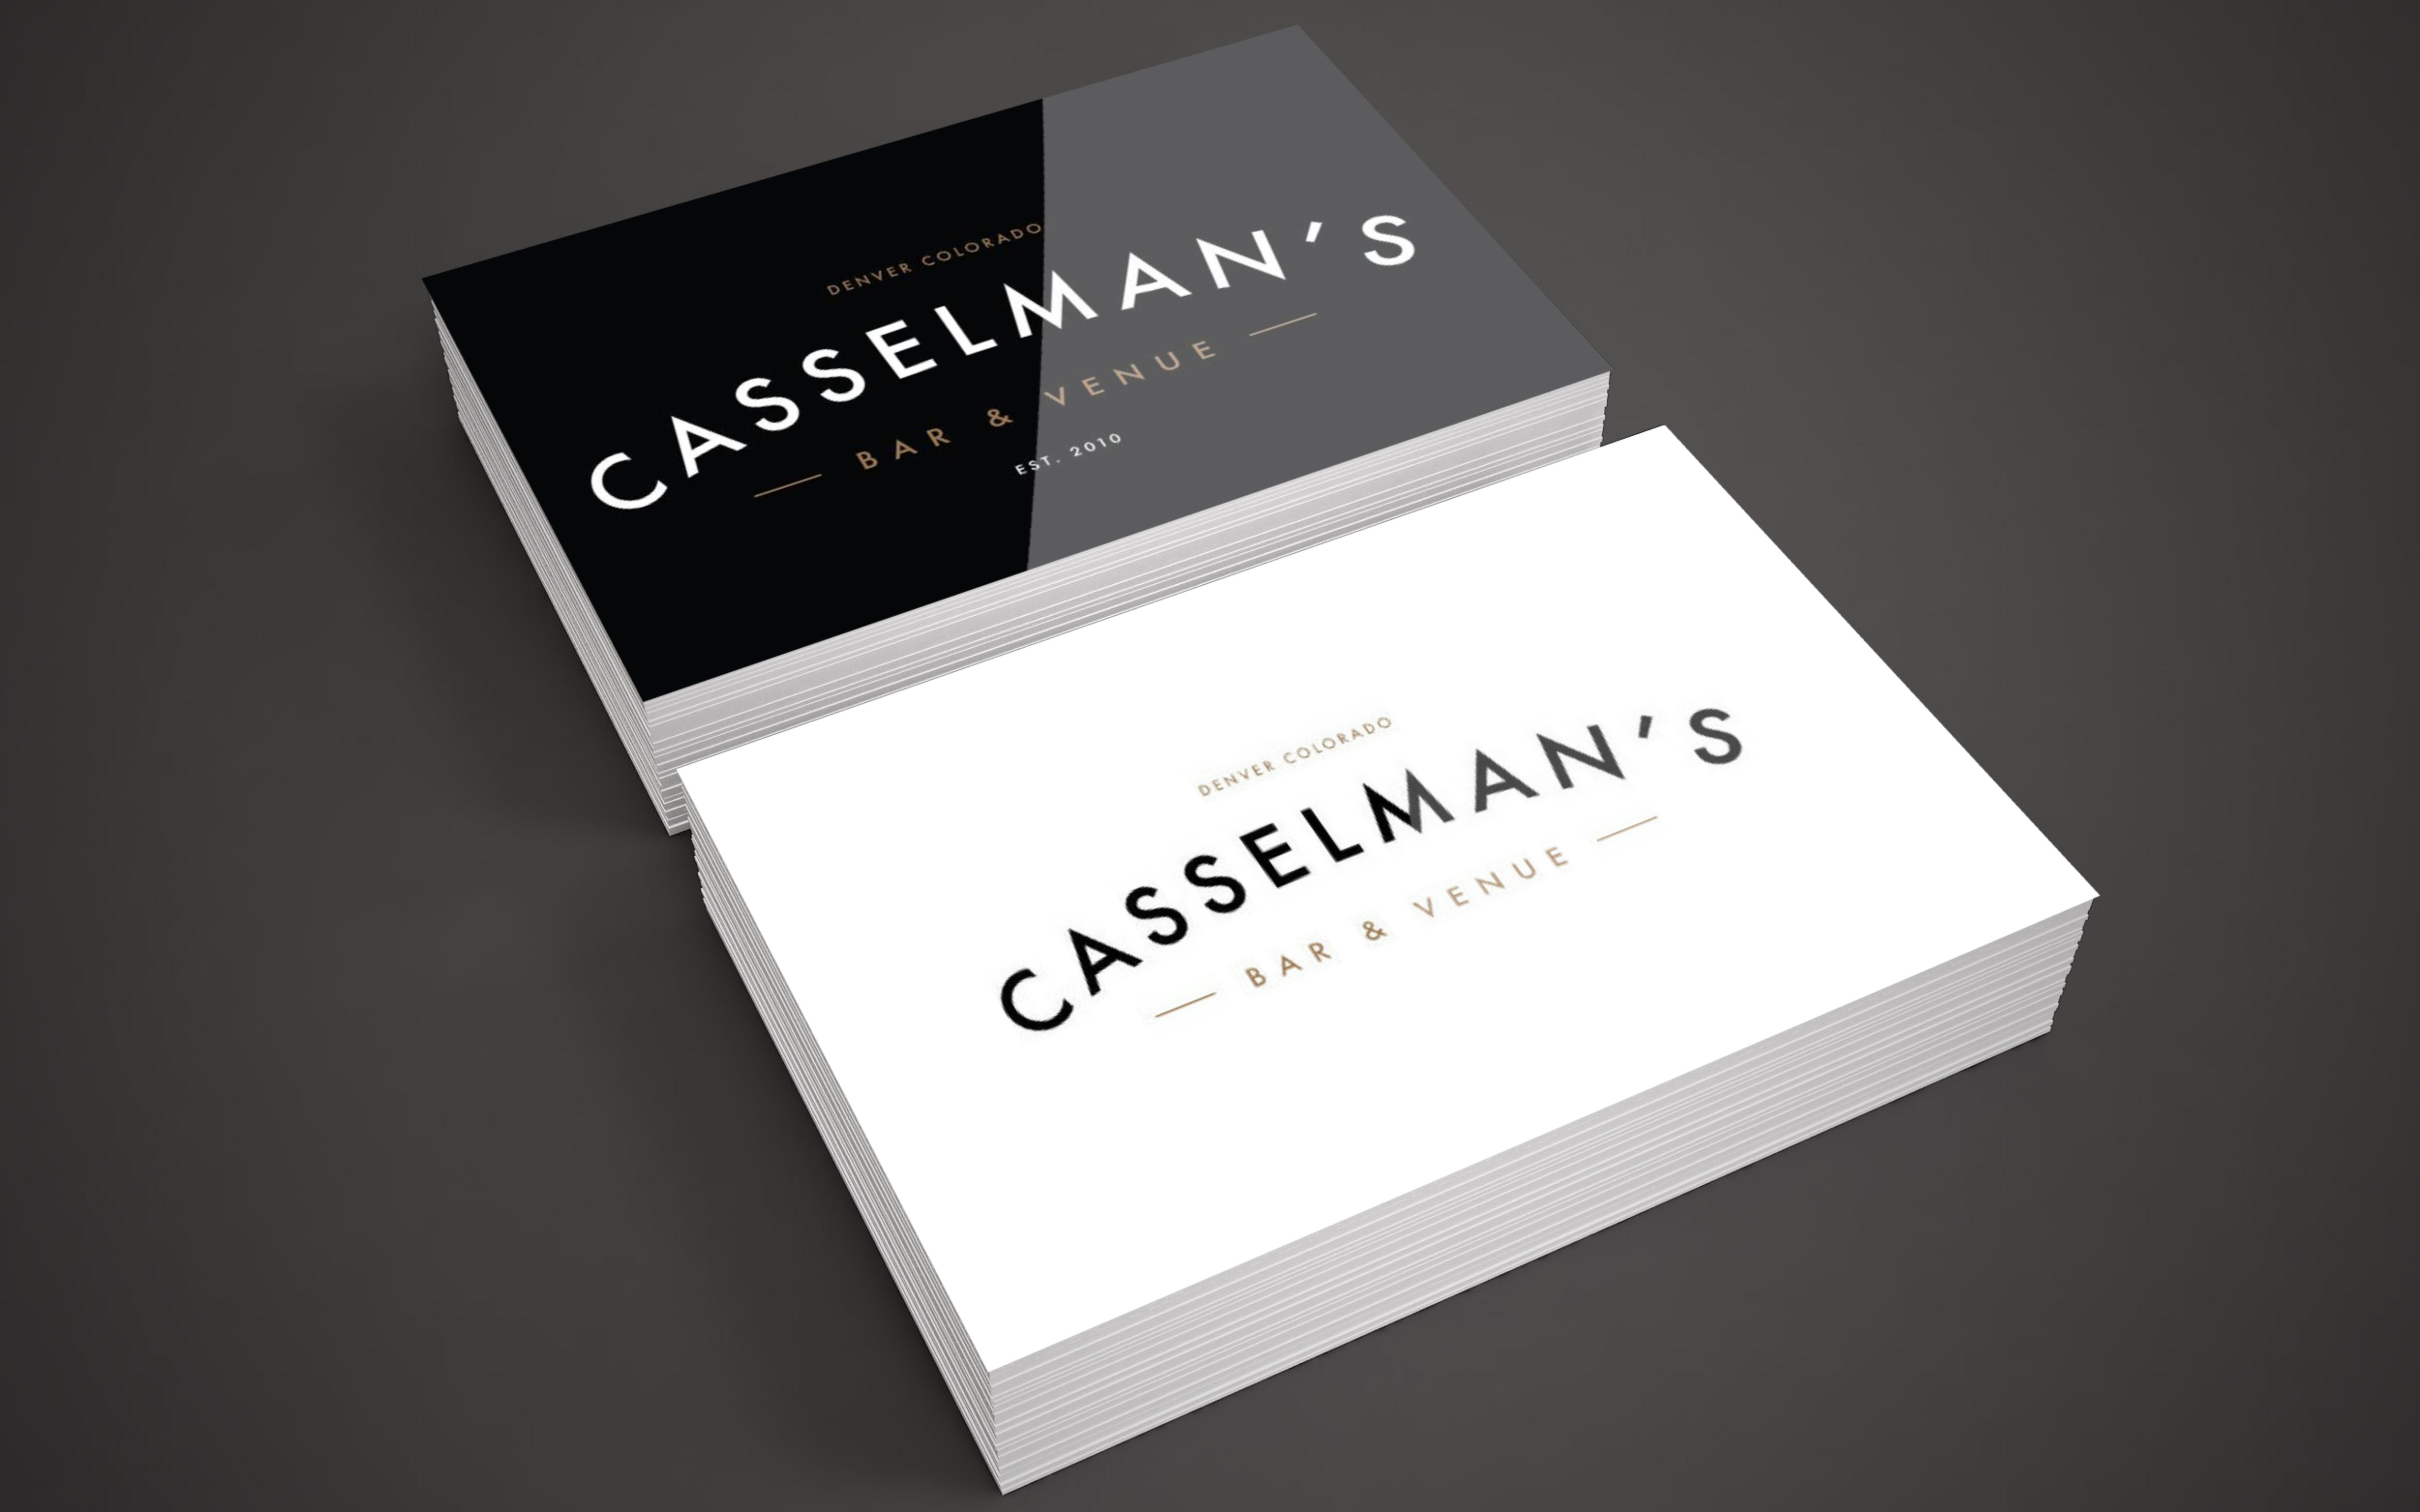 casselmans